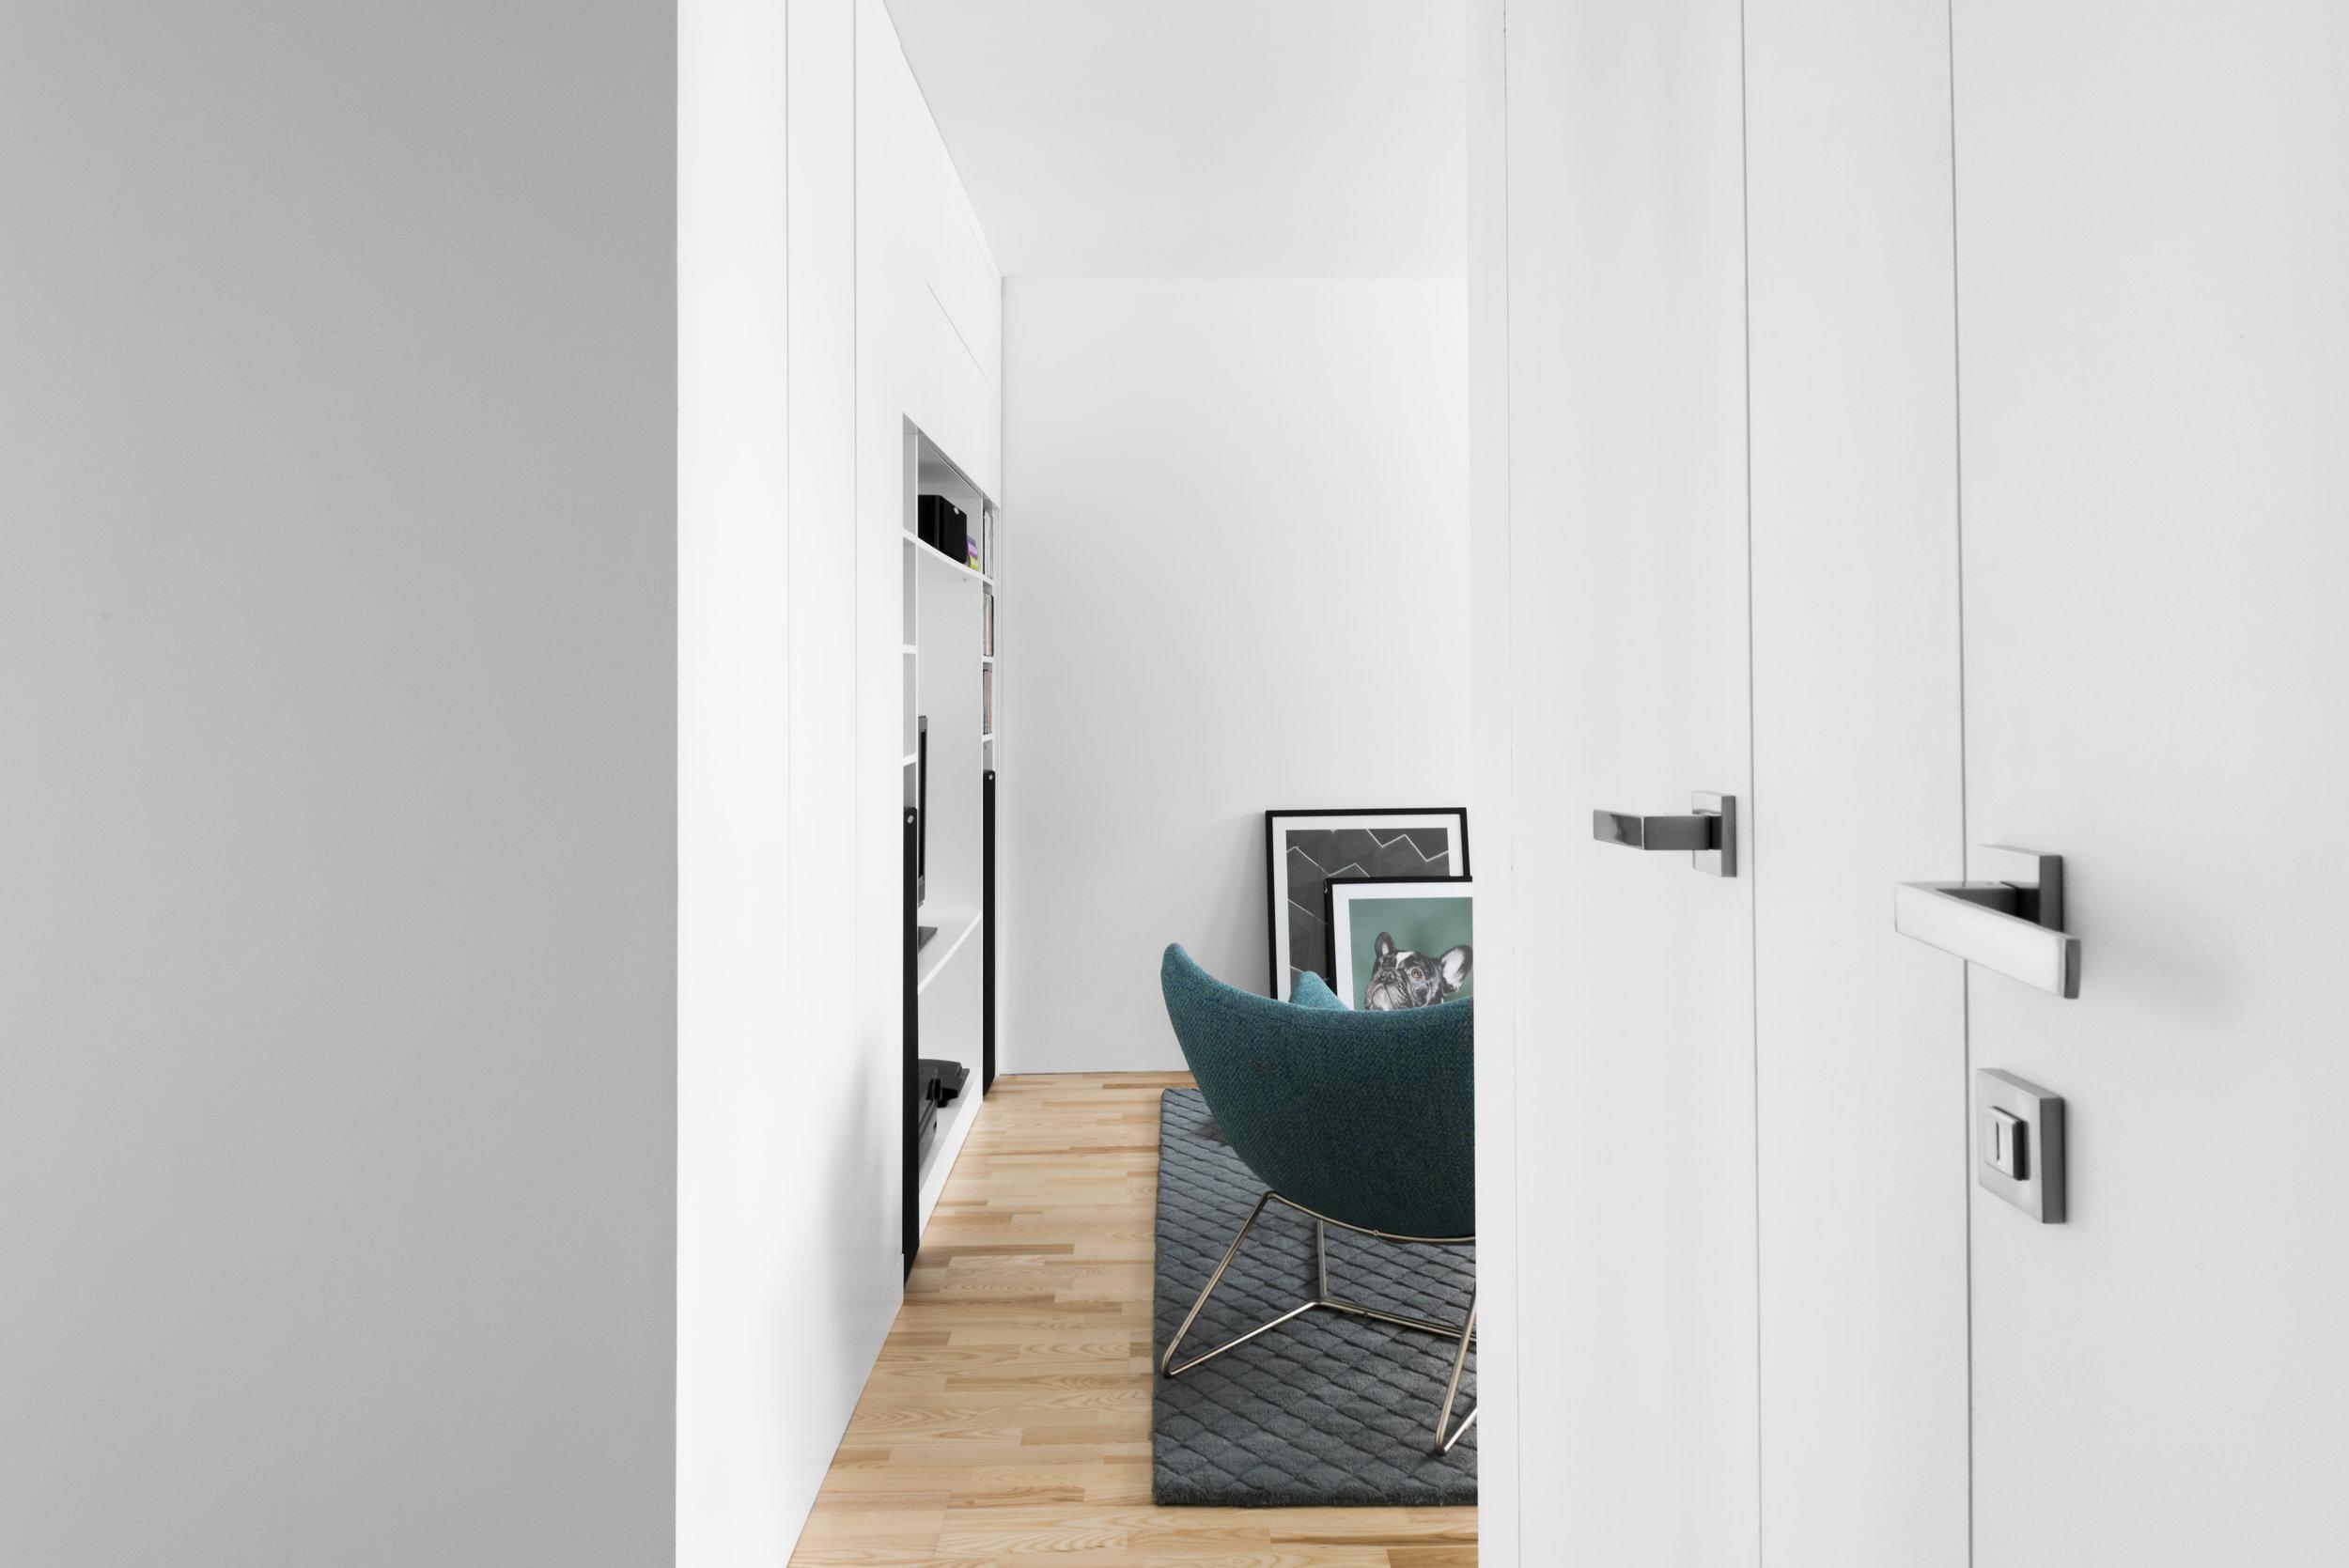 projekt wnętrz-siemianowice śląskie-minimalizm w bloku.jpg